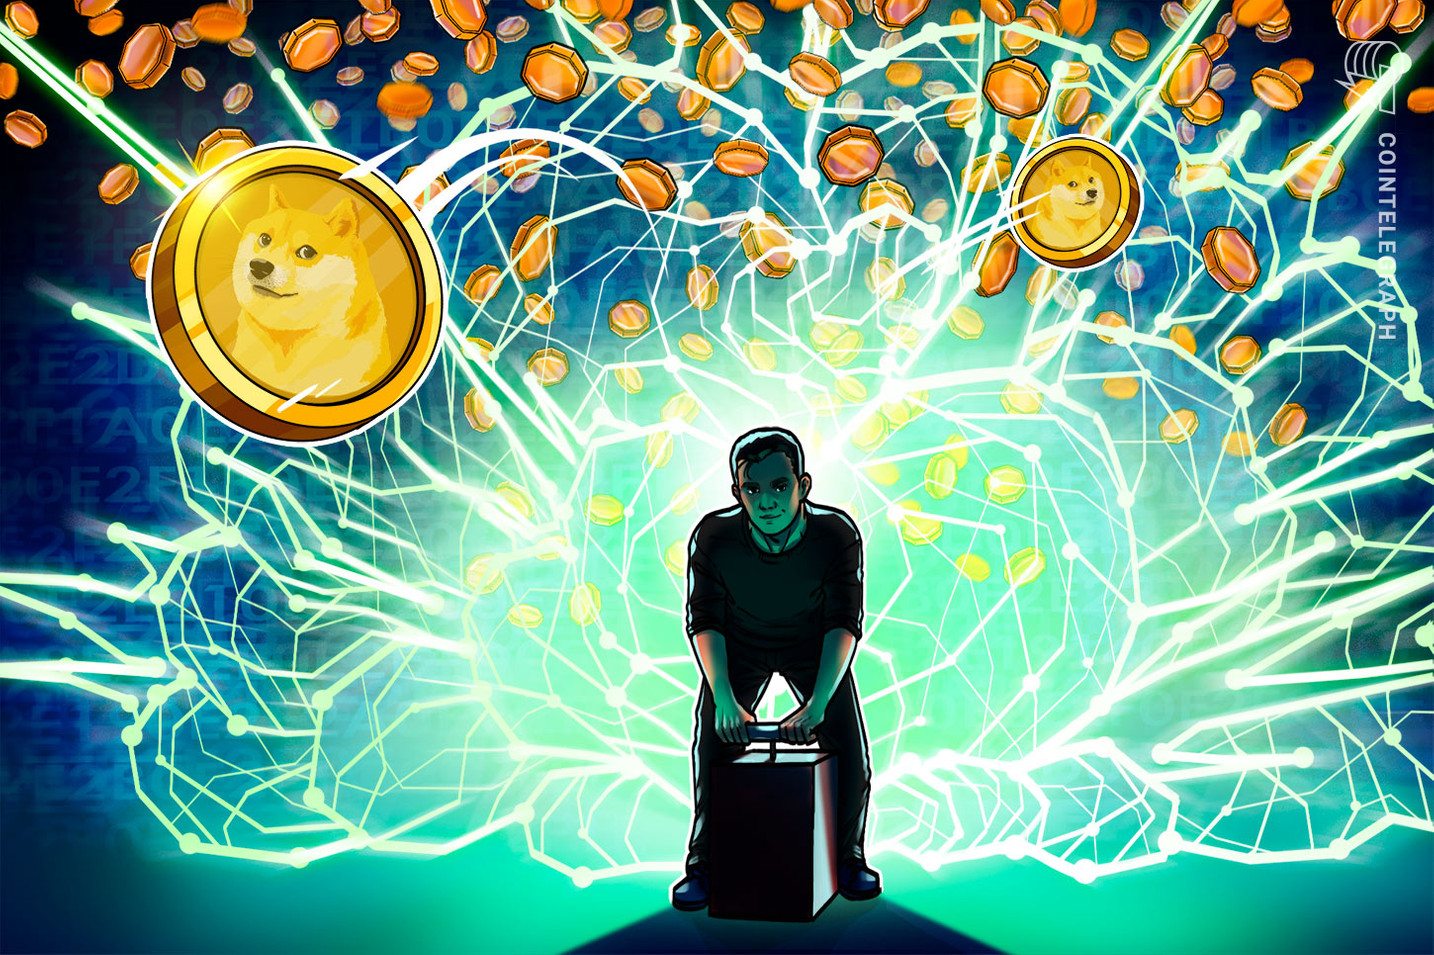 Nova era de altcoins? As liquidações do Dogecoin superam brevemente as do Bitcoin